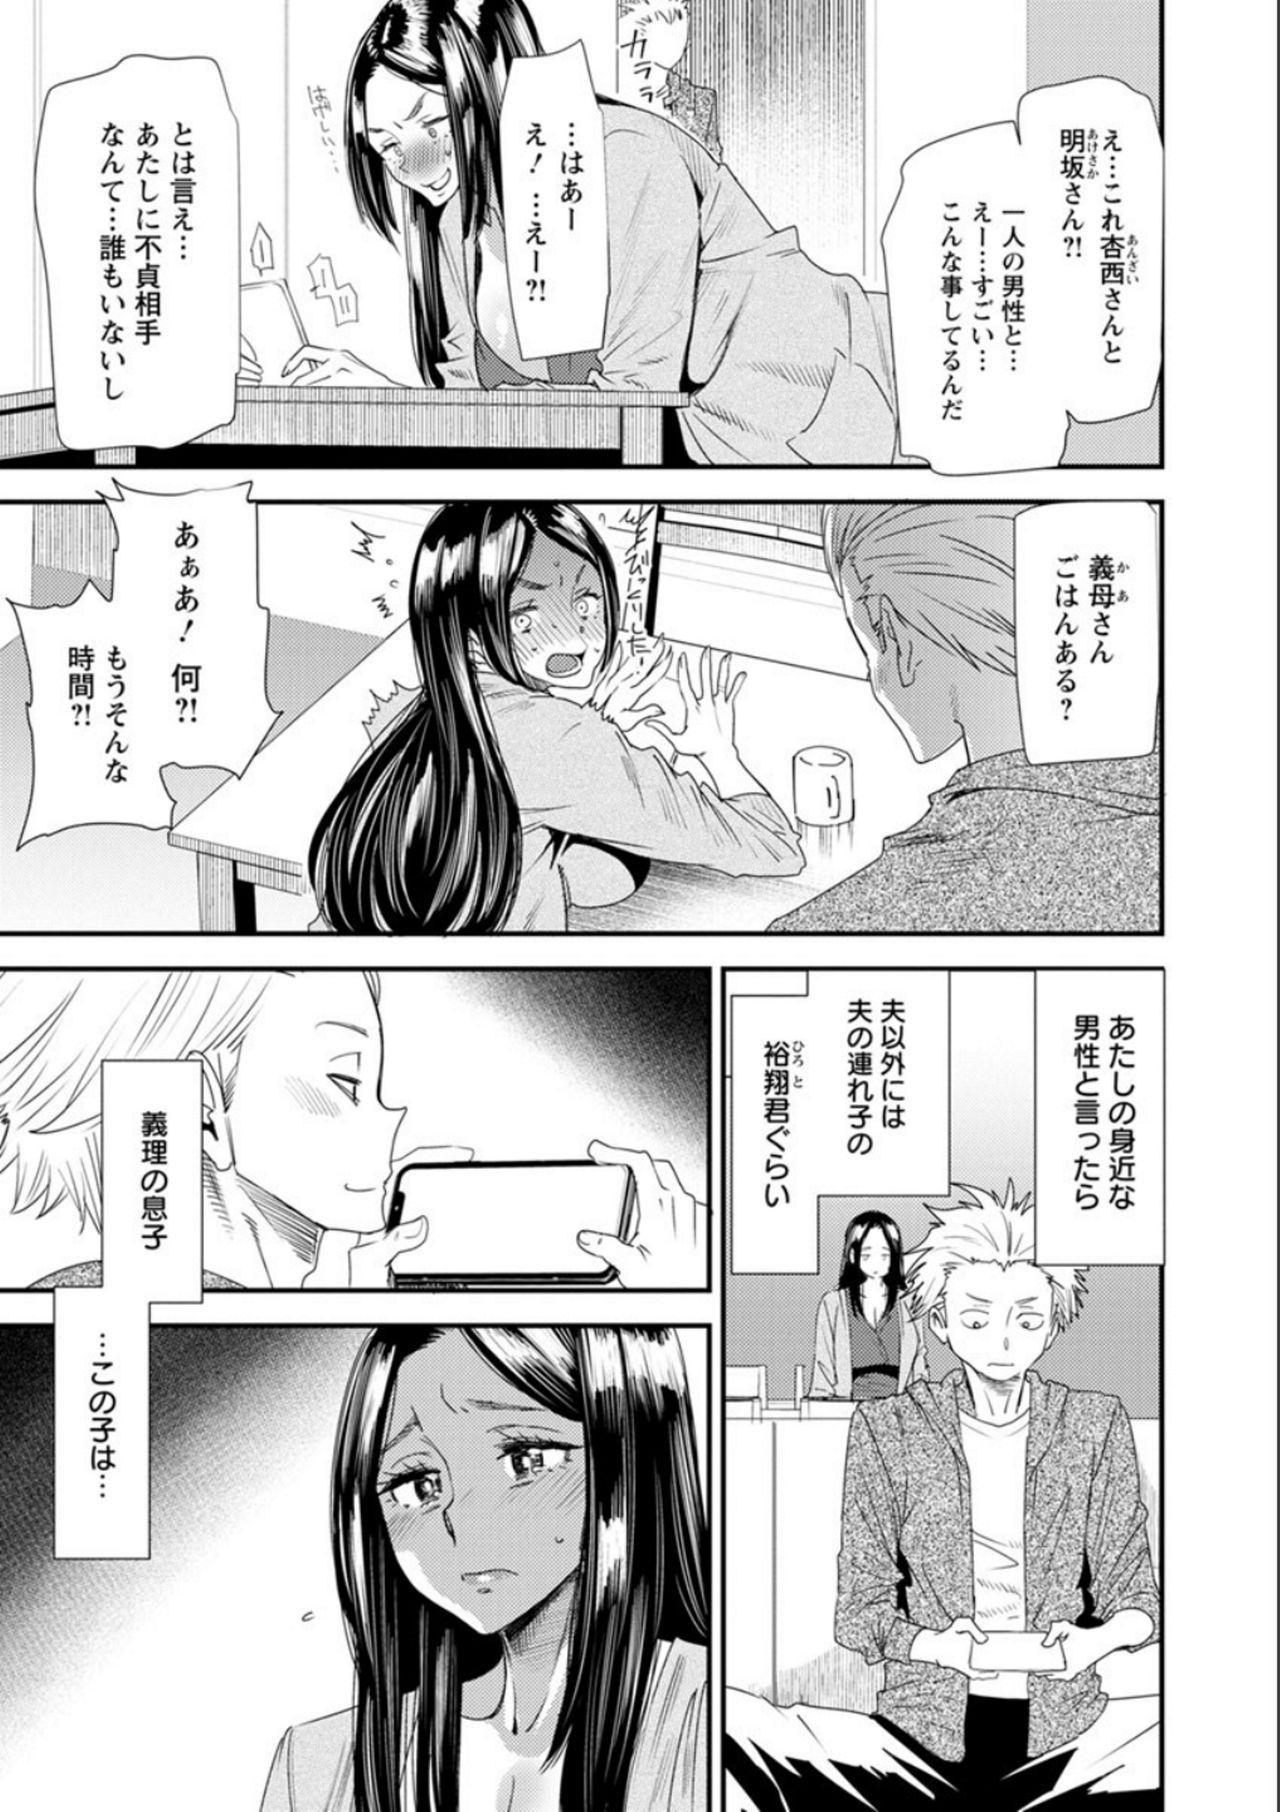 Nao's Secret 172